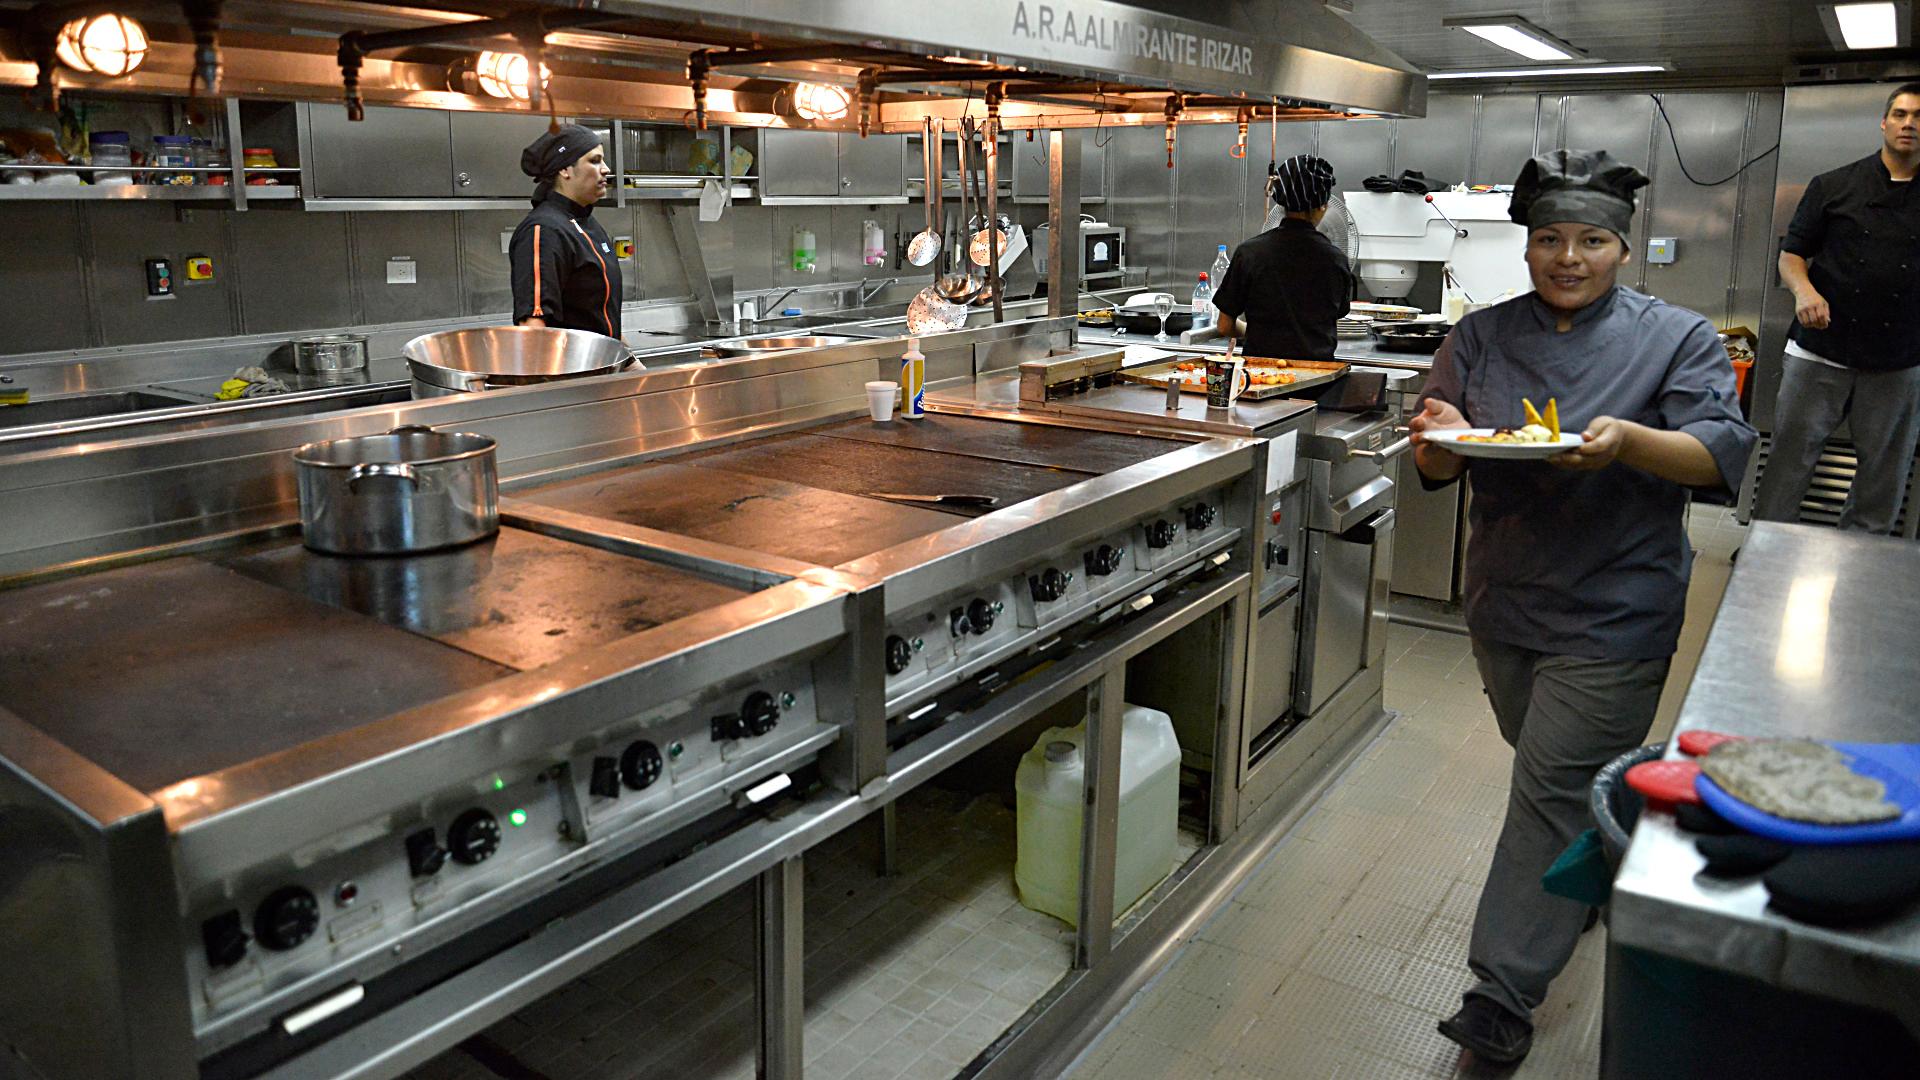 La cocina del buque